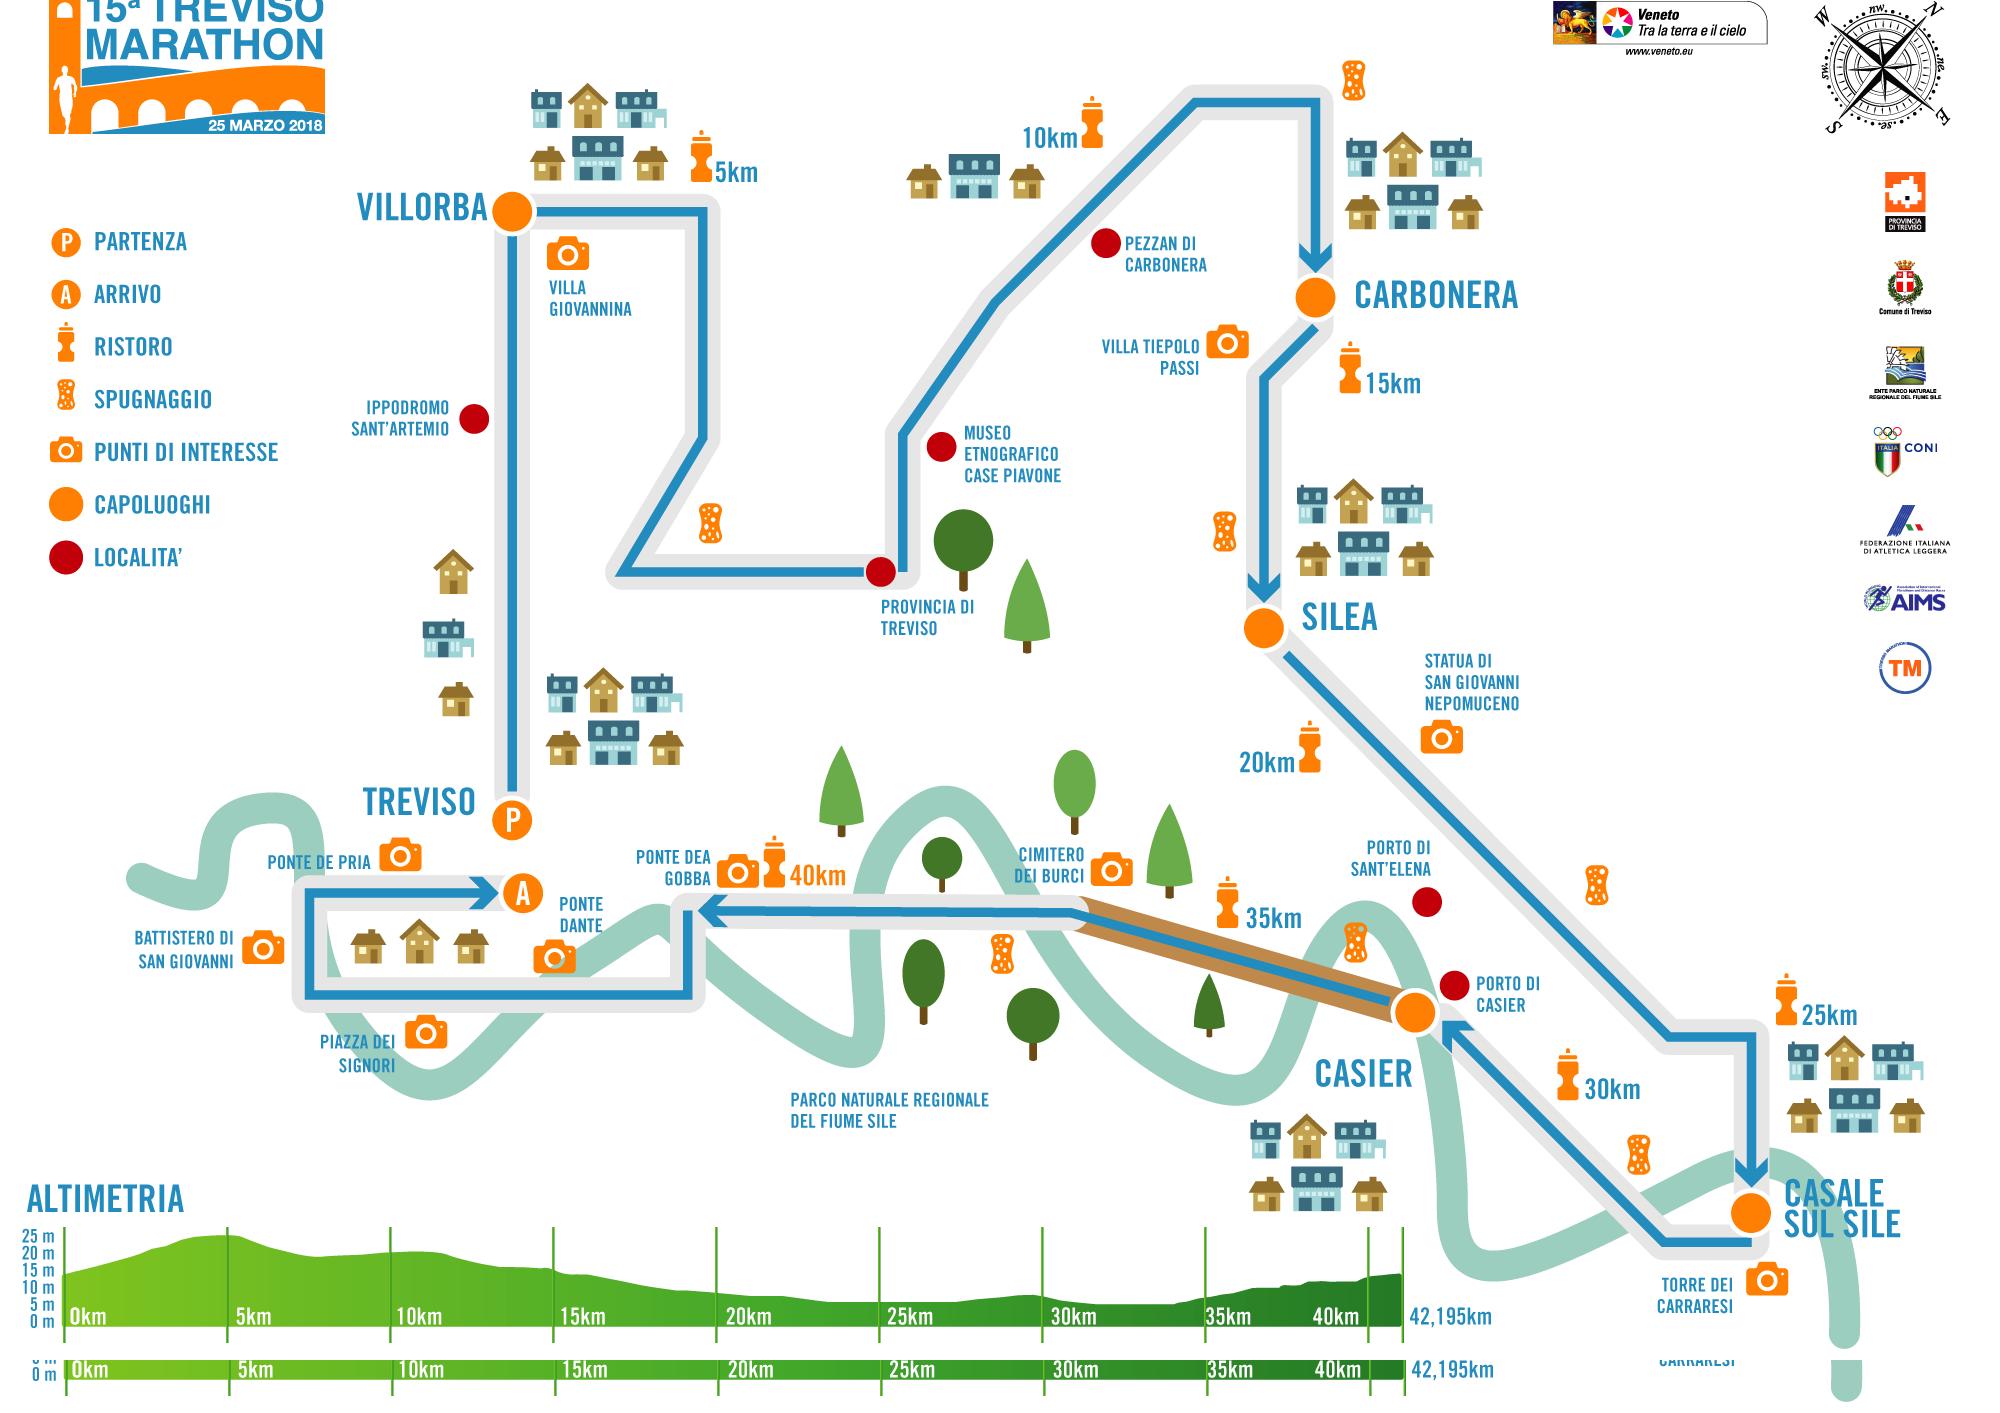 Treviso marathon 2018 ecco il percorso endumag - Palestra casale sul sile ...